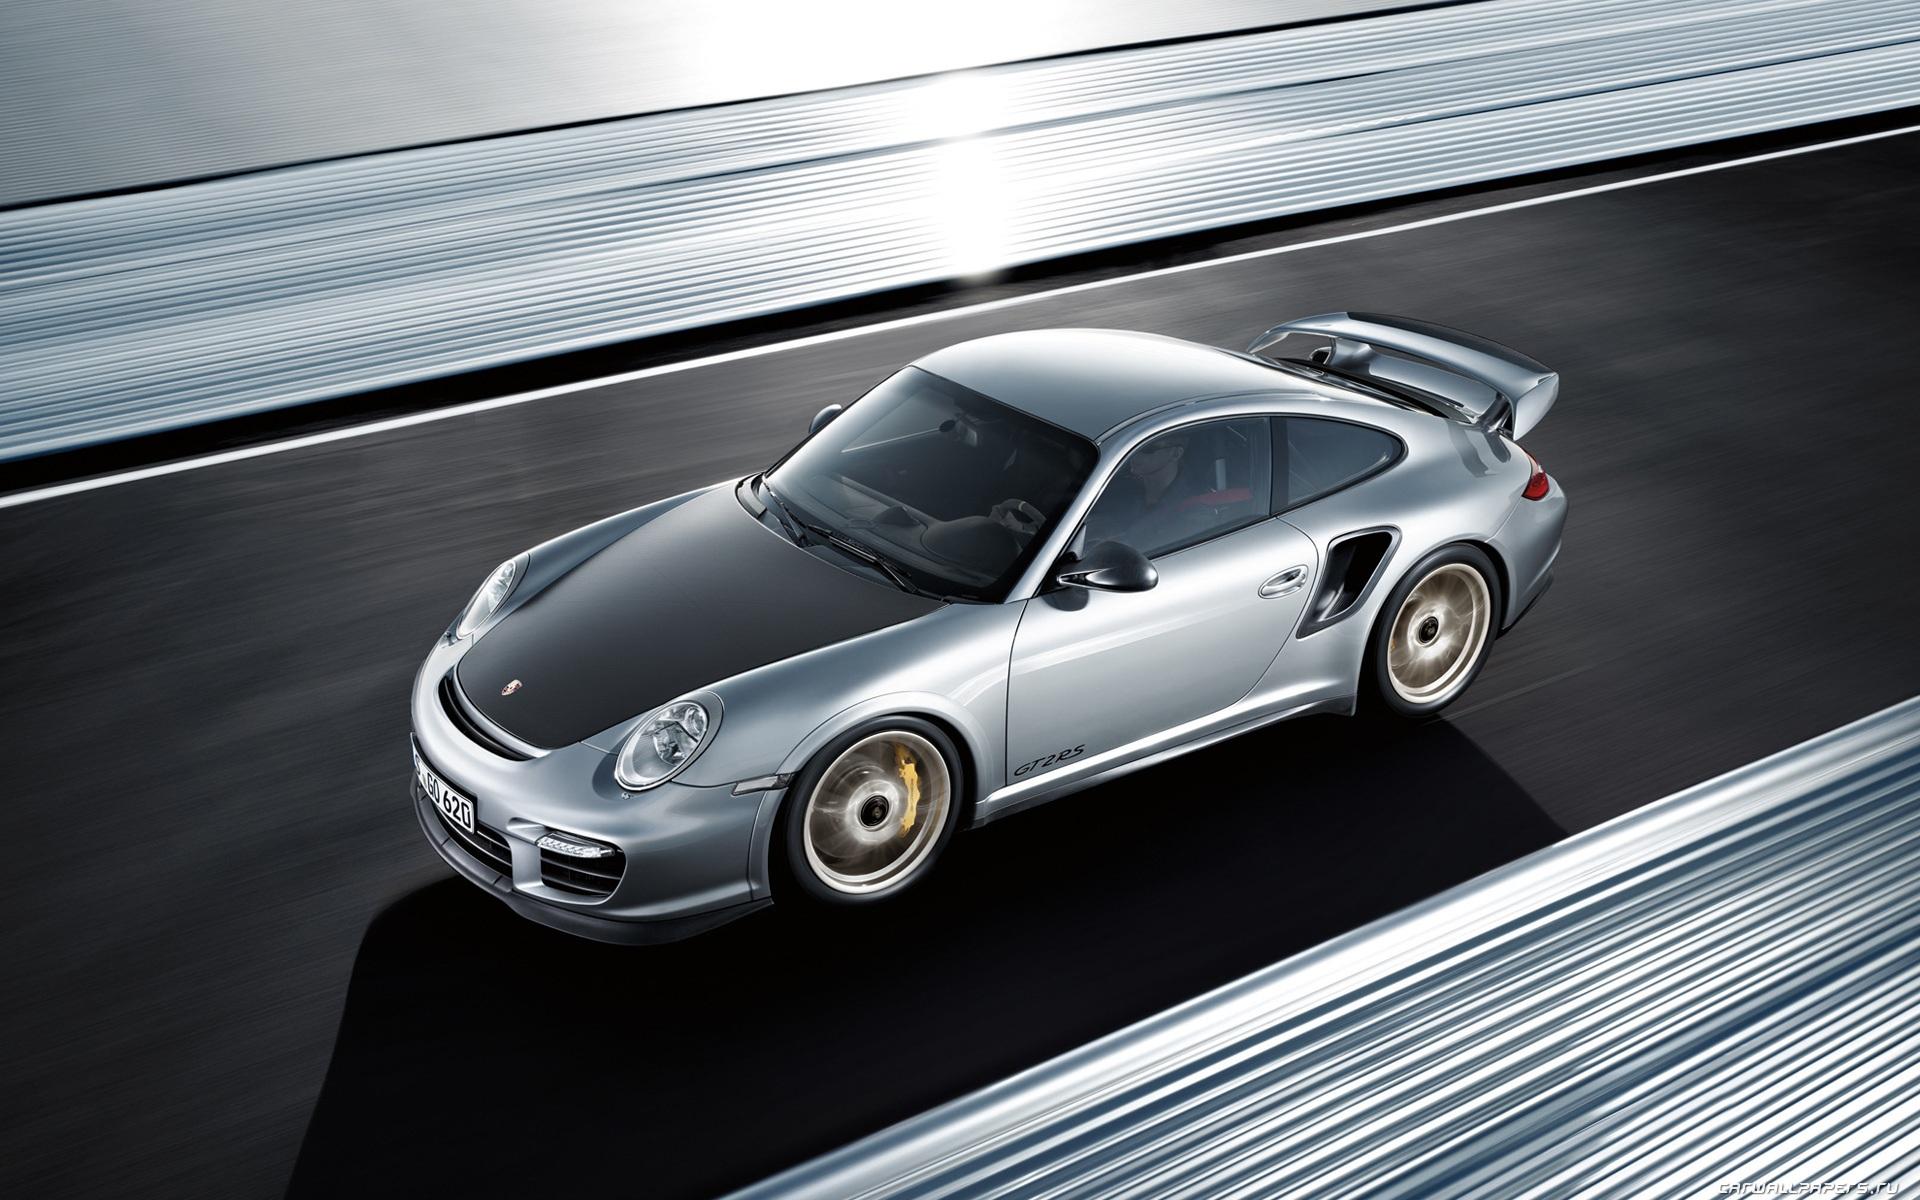 Porsche 911 GT2 RS 2010 Hintergrundbilder | 1920x1200 ...